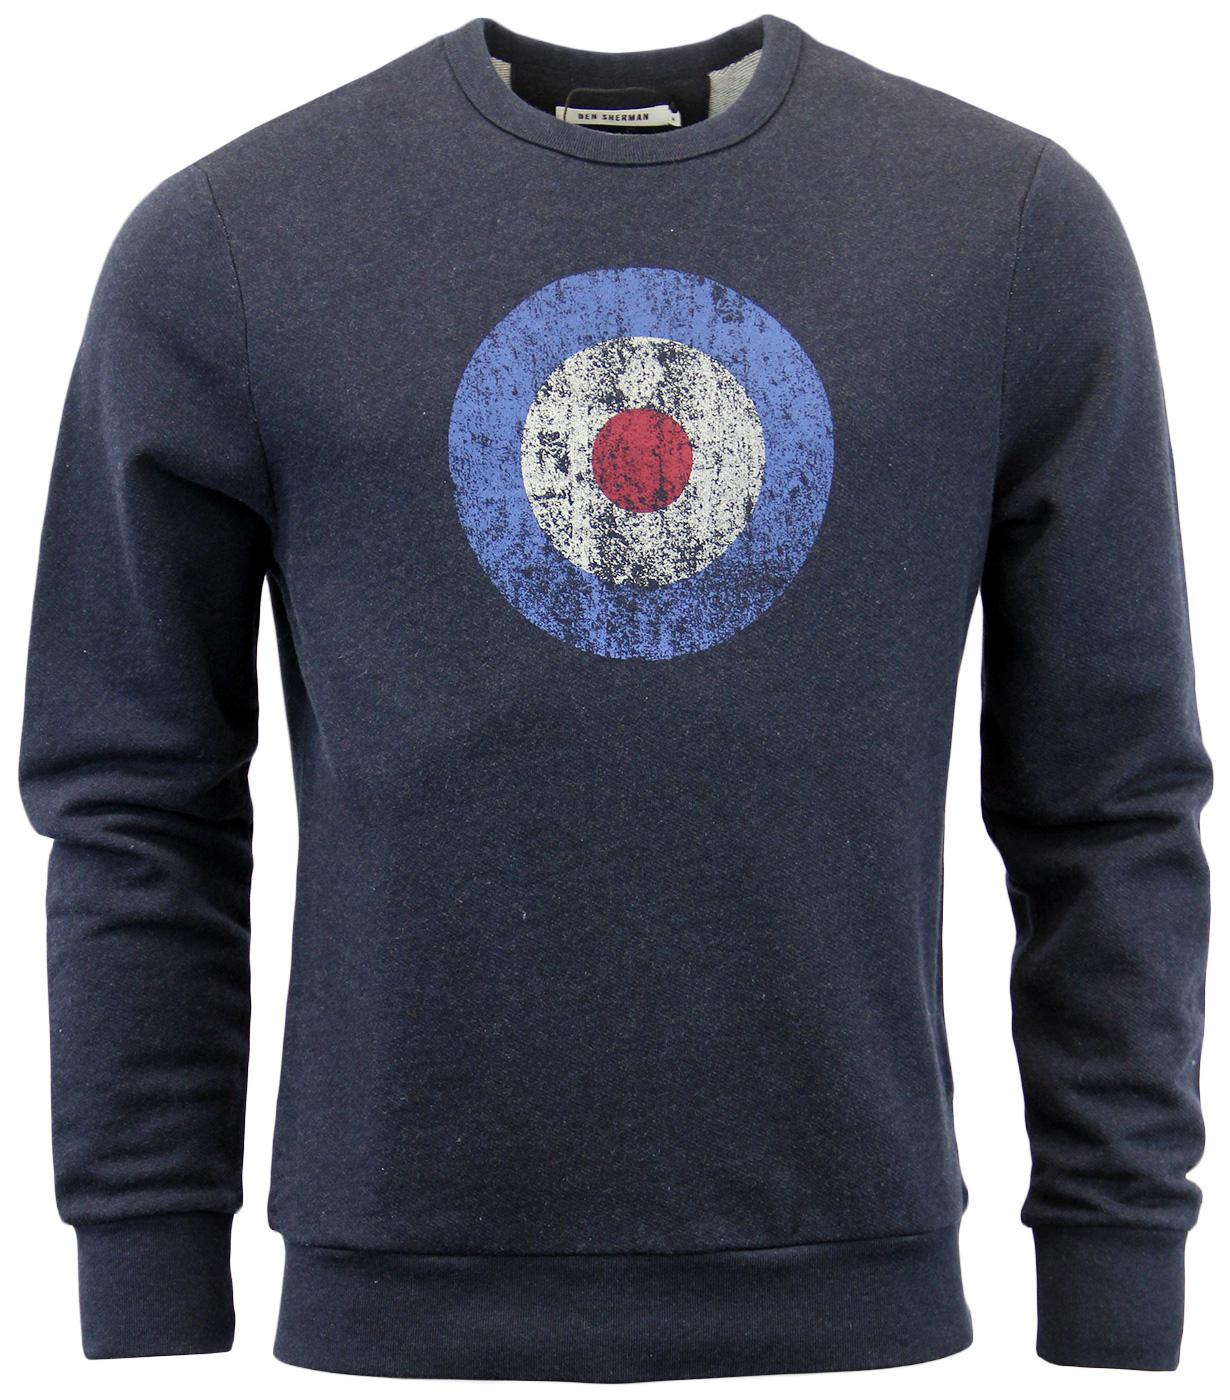 BEN SHERMAN Retro 60s Vintage Mod Target Sweater